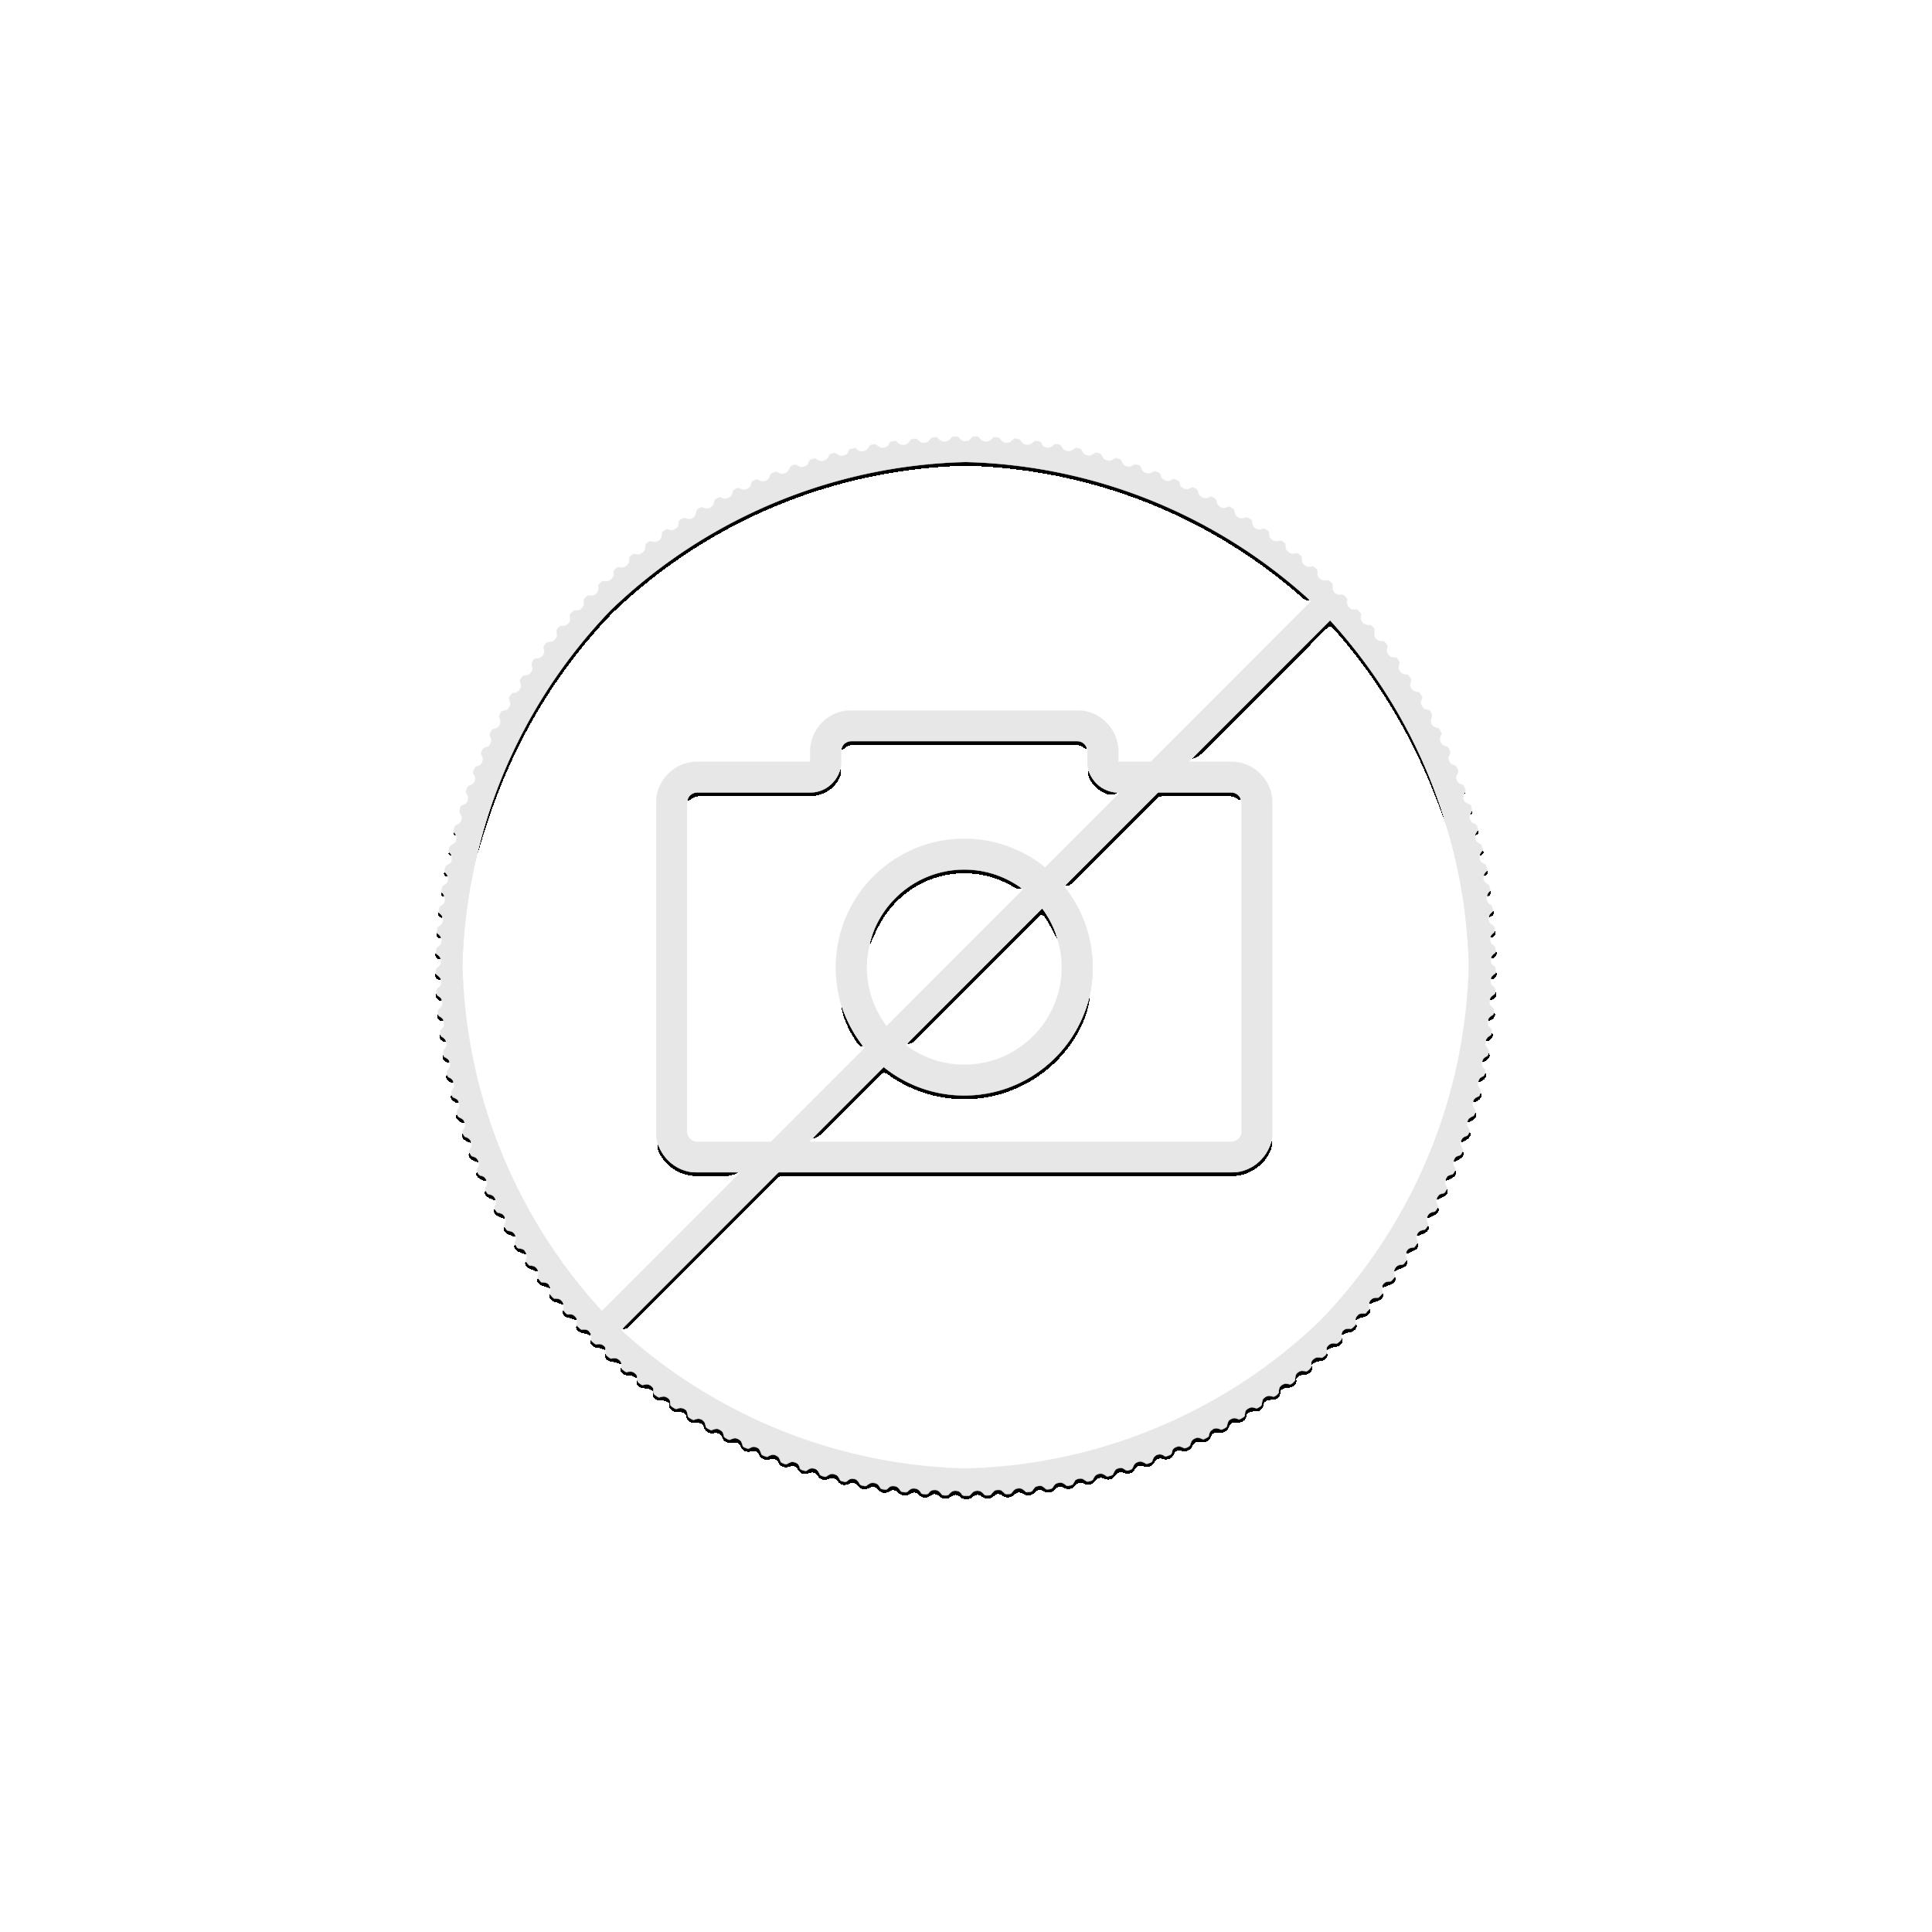 2 troy ounce zilveren munt Medea - Golden Fleece 2021 - Antieke afwerking